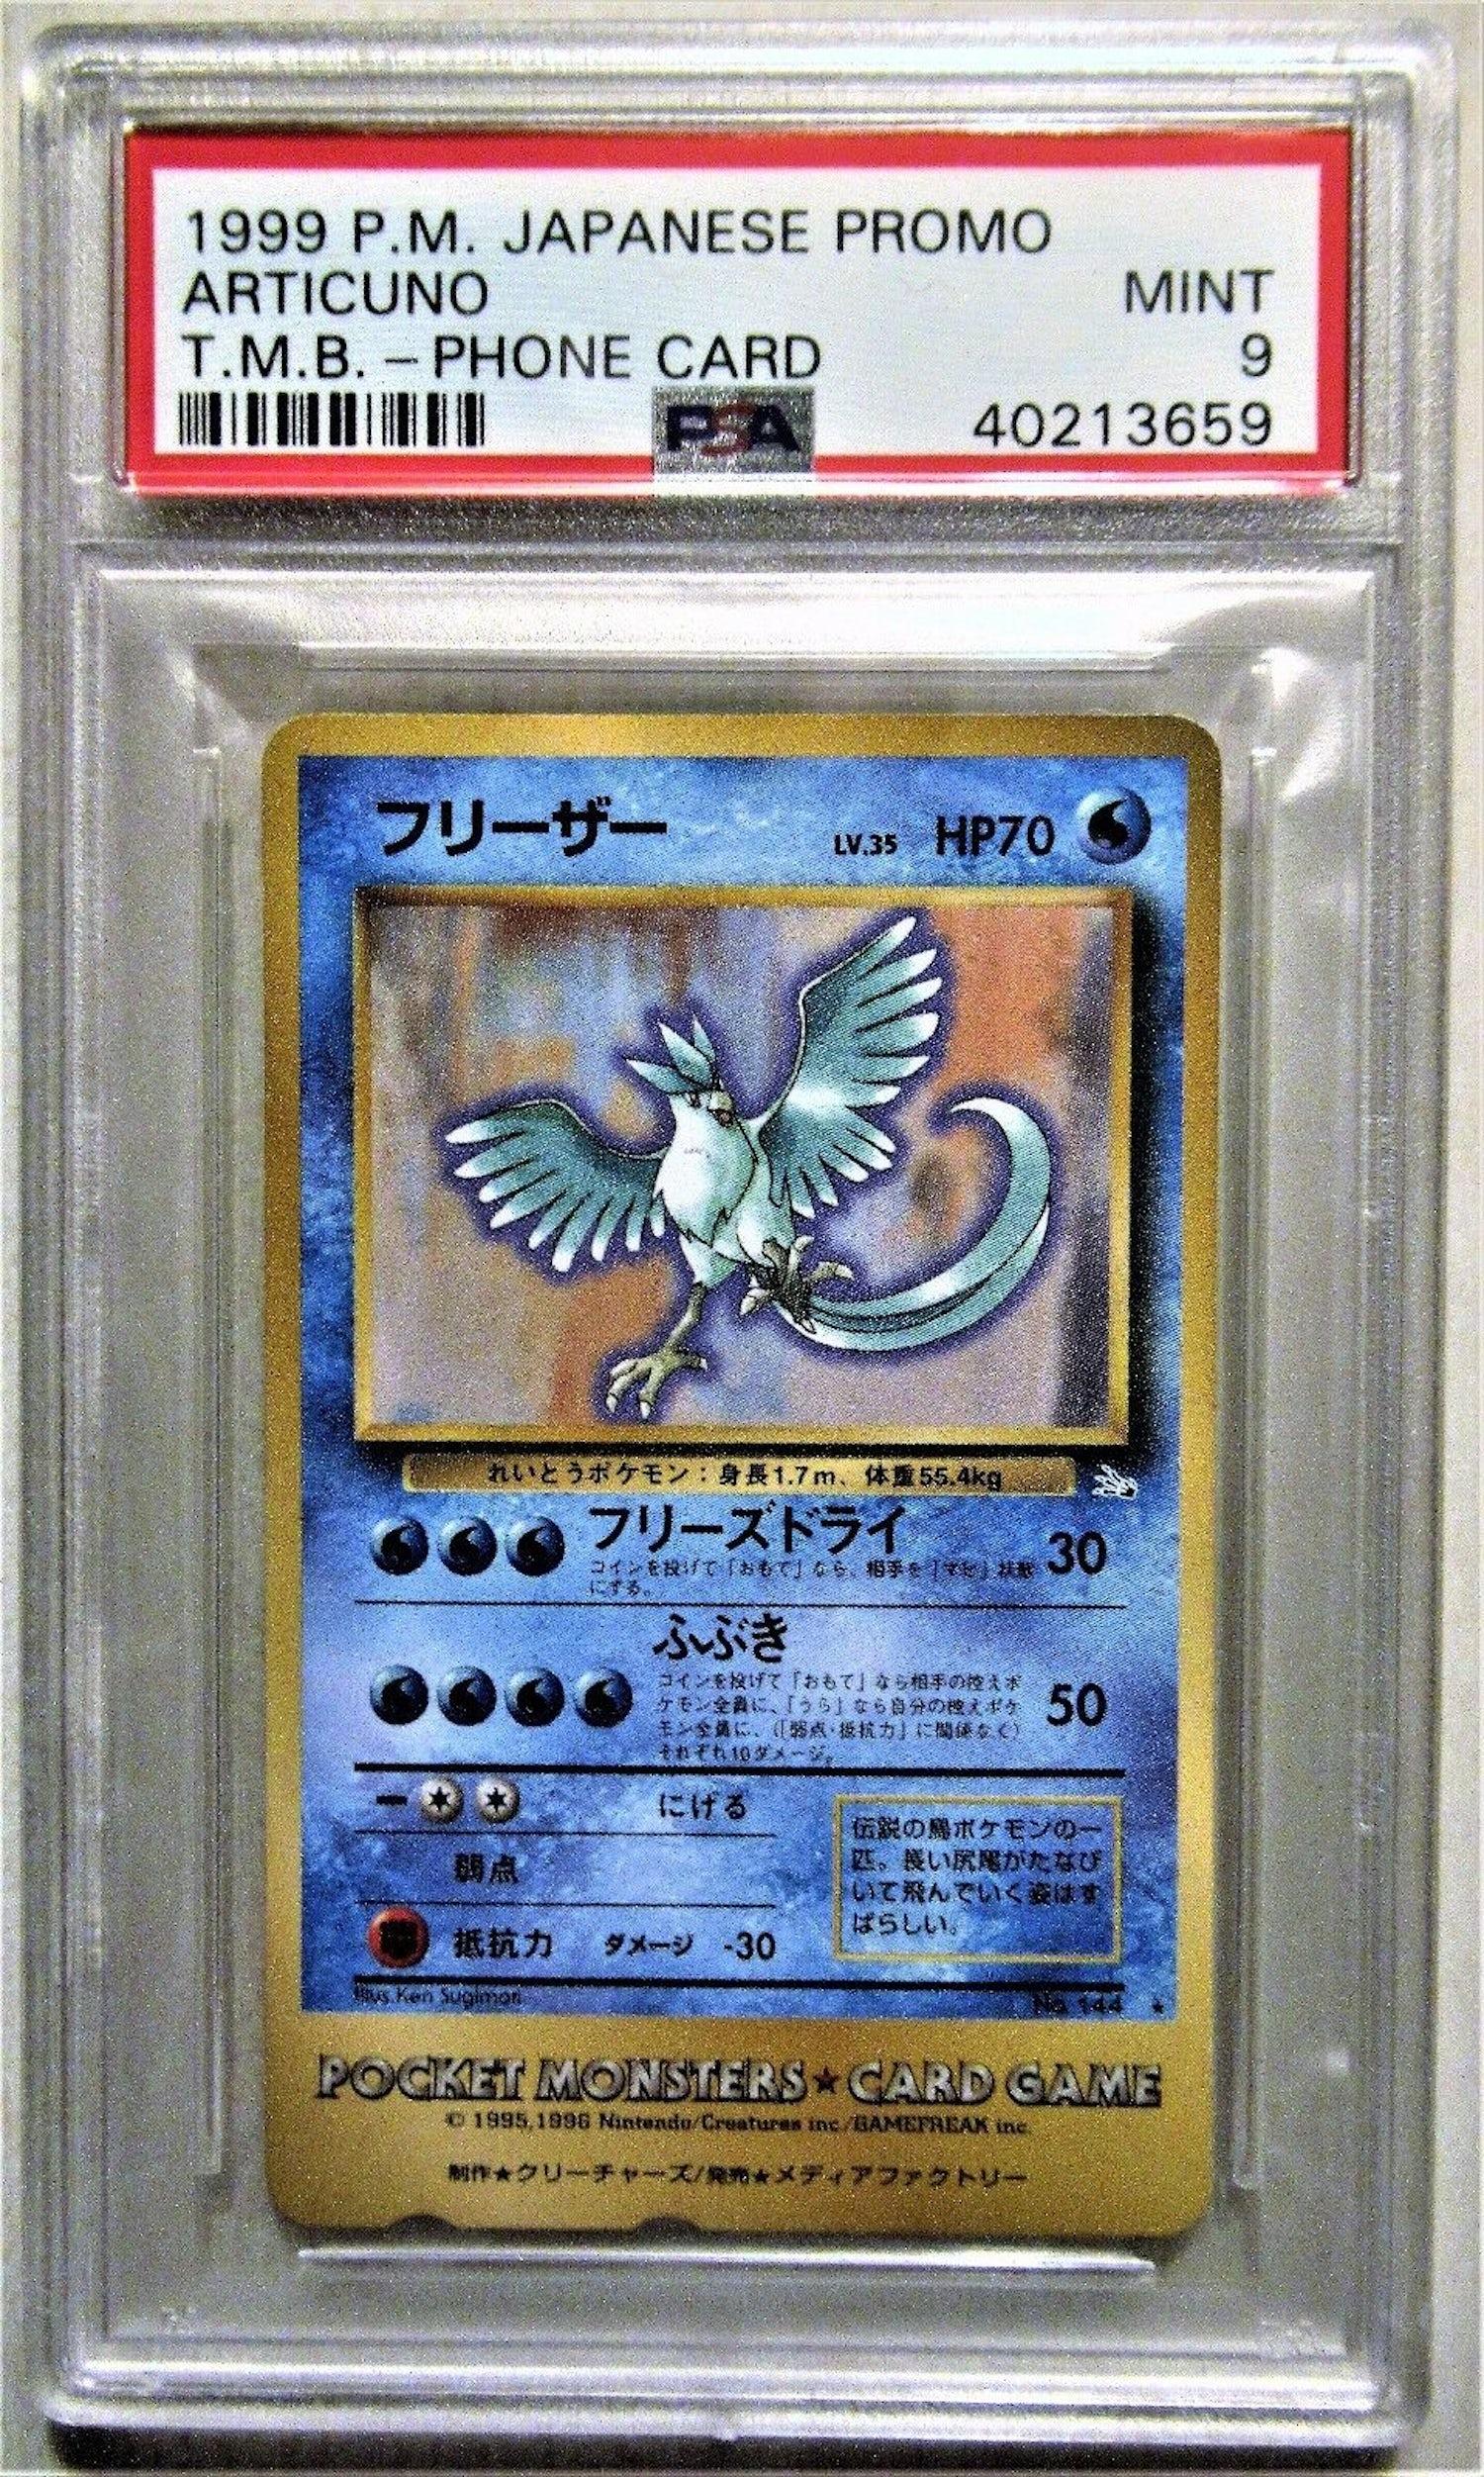 Articuno Tropical Mega Battle PokemonCard